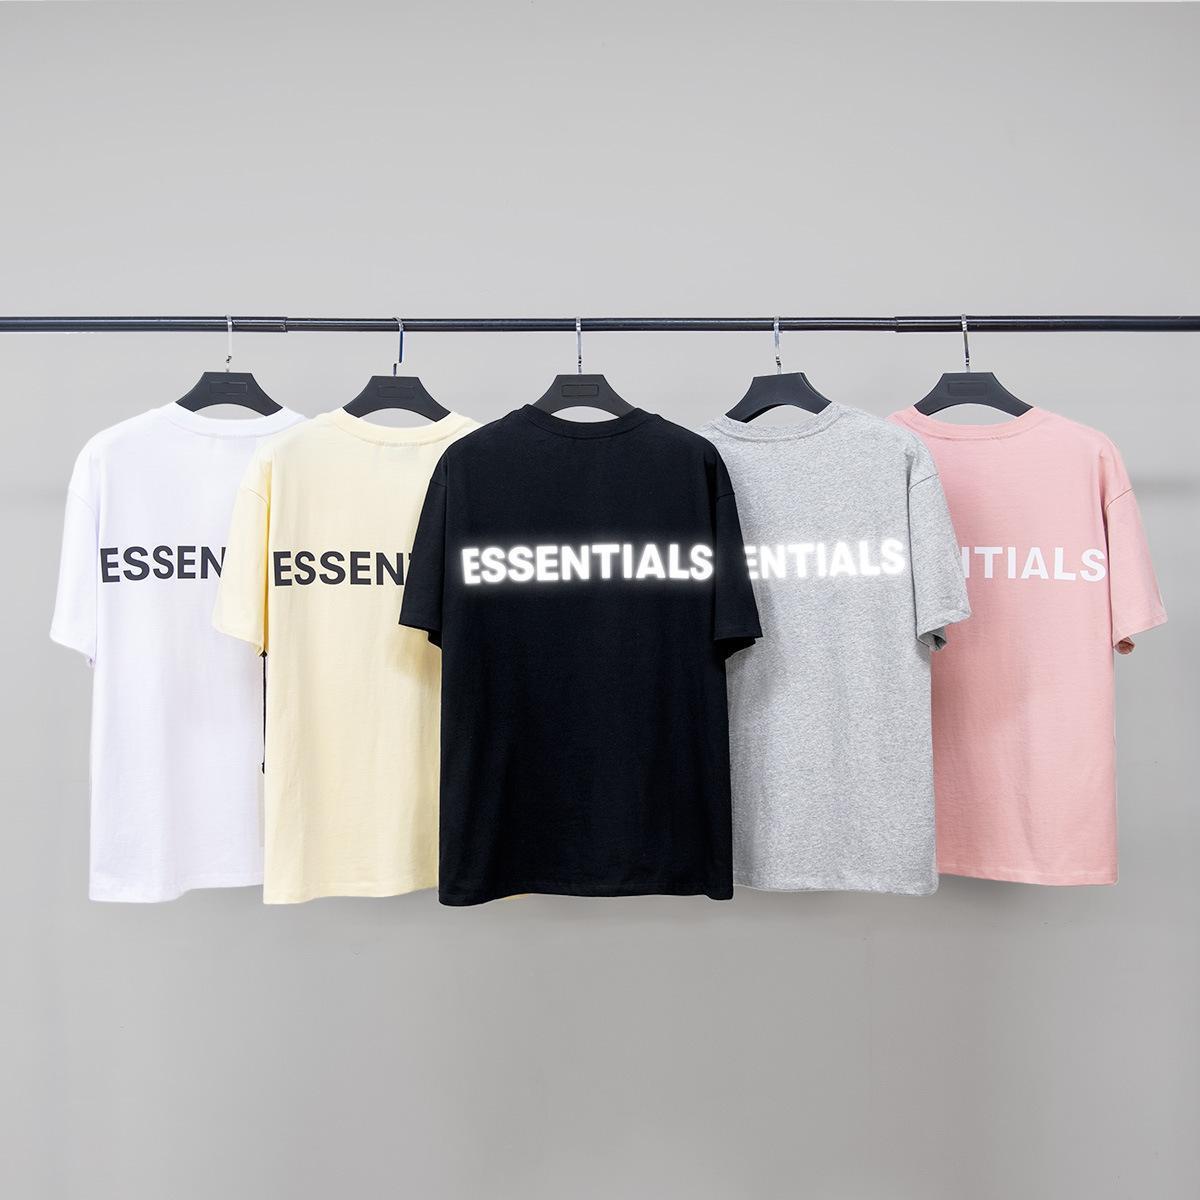 FOG FEAR OF GOD Essentials-3M Reflex zweizeilige losen Sports lässig Rundhals Kurzarm T-Shirt für Männer und Frauen